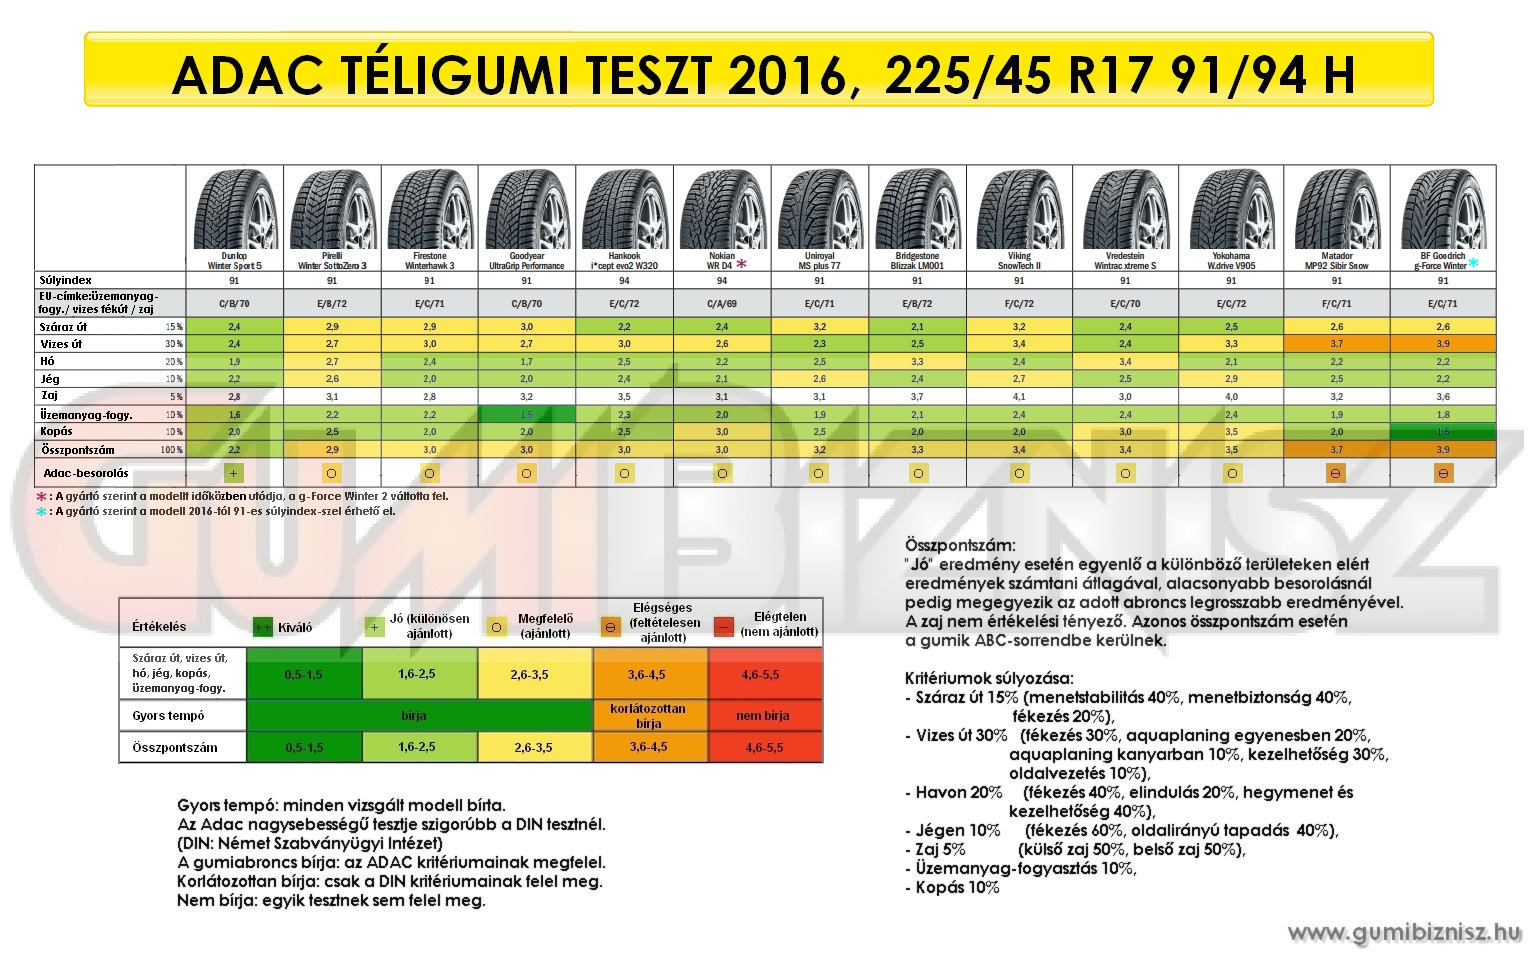 Adac téligumi teszt 2016, 225/45 R17